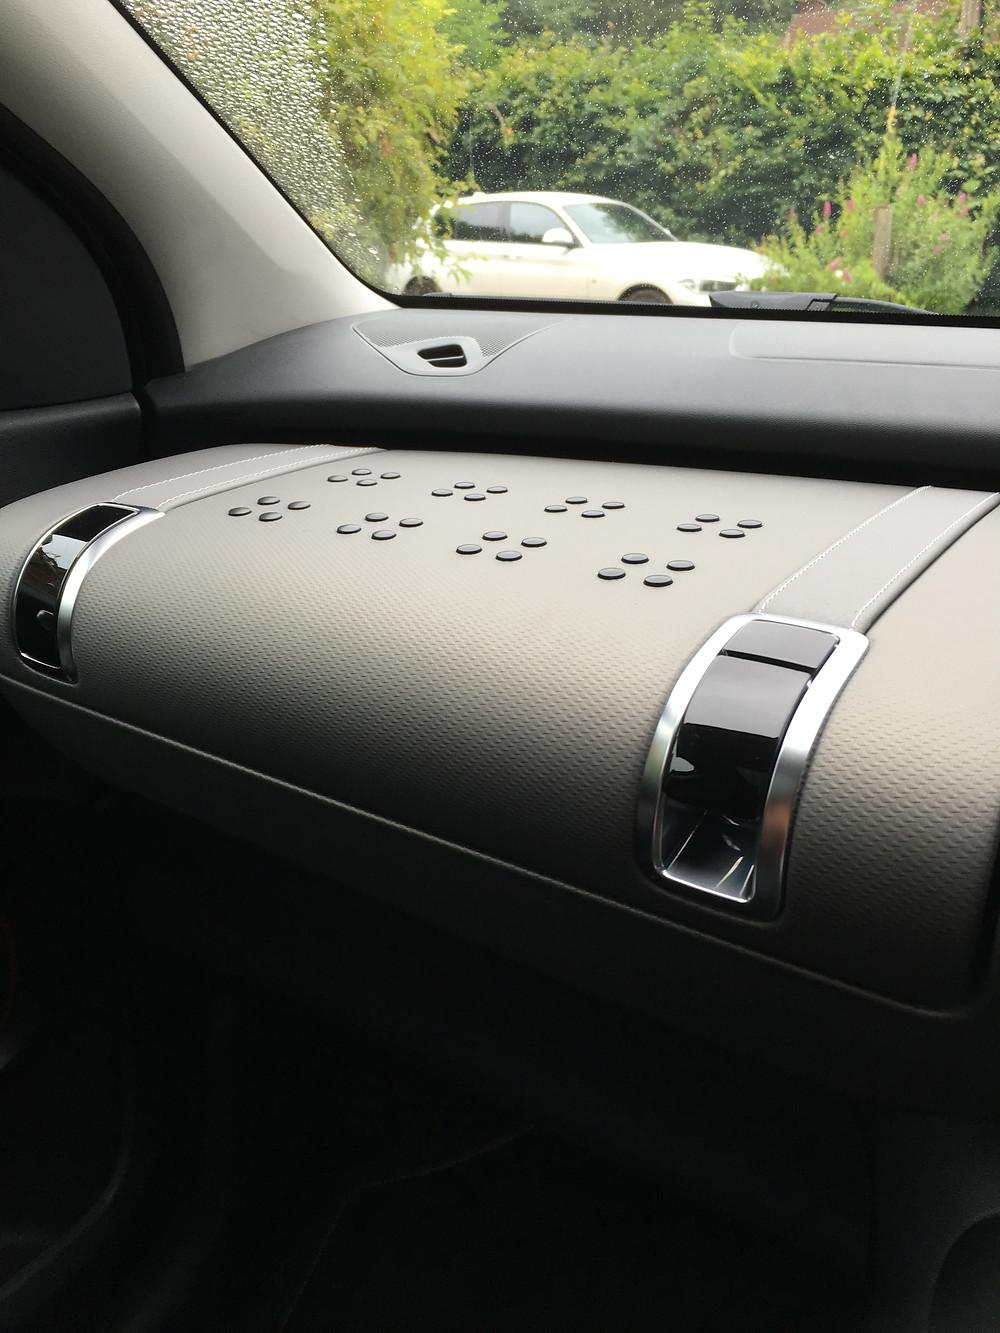 2016 Citroën C4 Cactus Rip Curl Glove Box